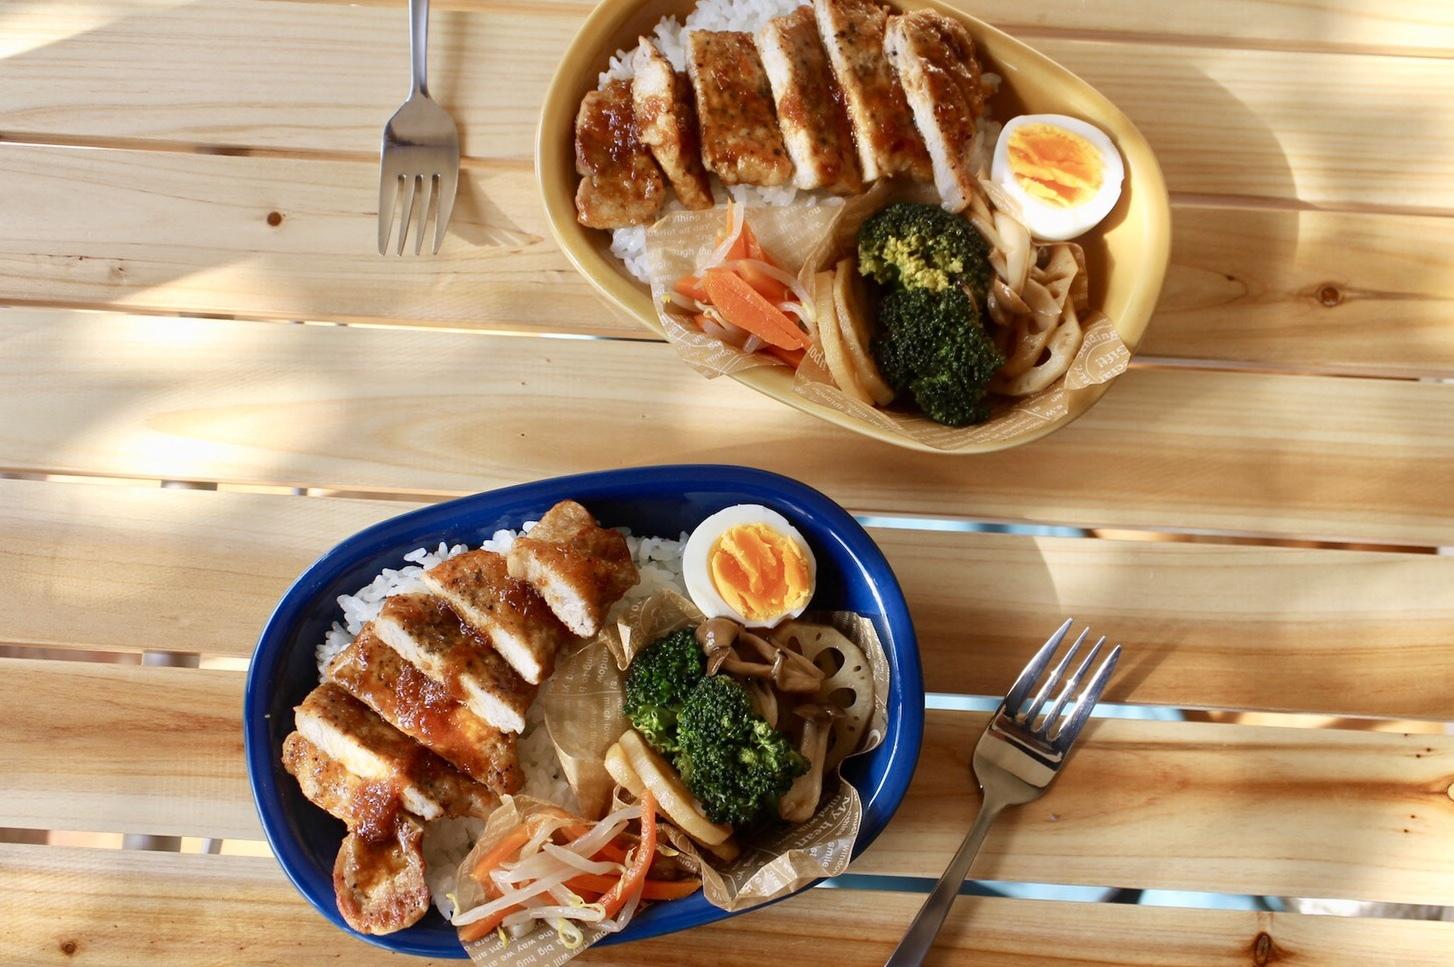 豚ロース肉の味噌 玉ねぎダレ丼弁当_f0220354_17463617.jpeg